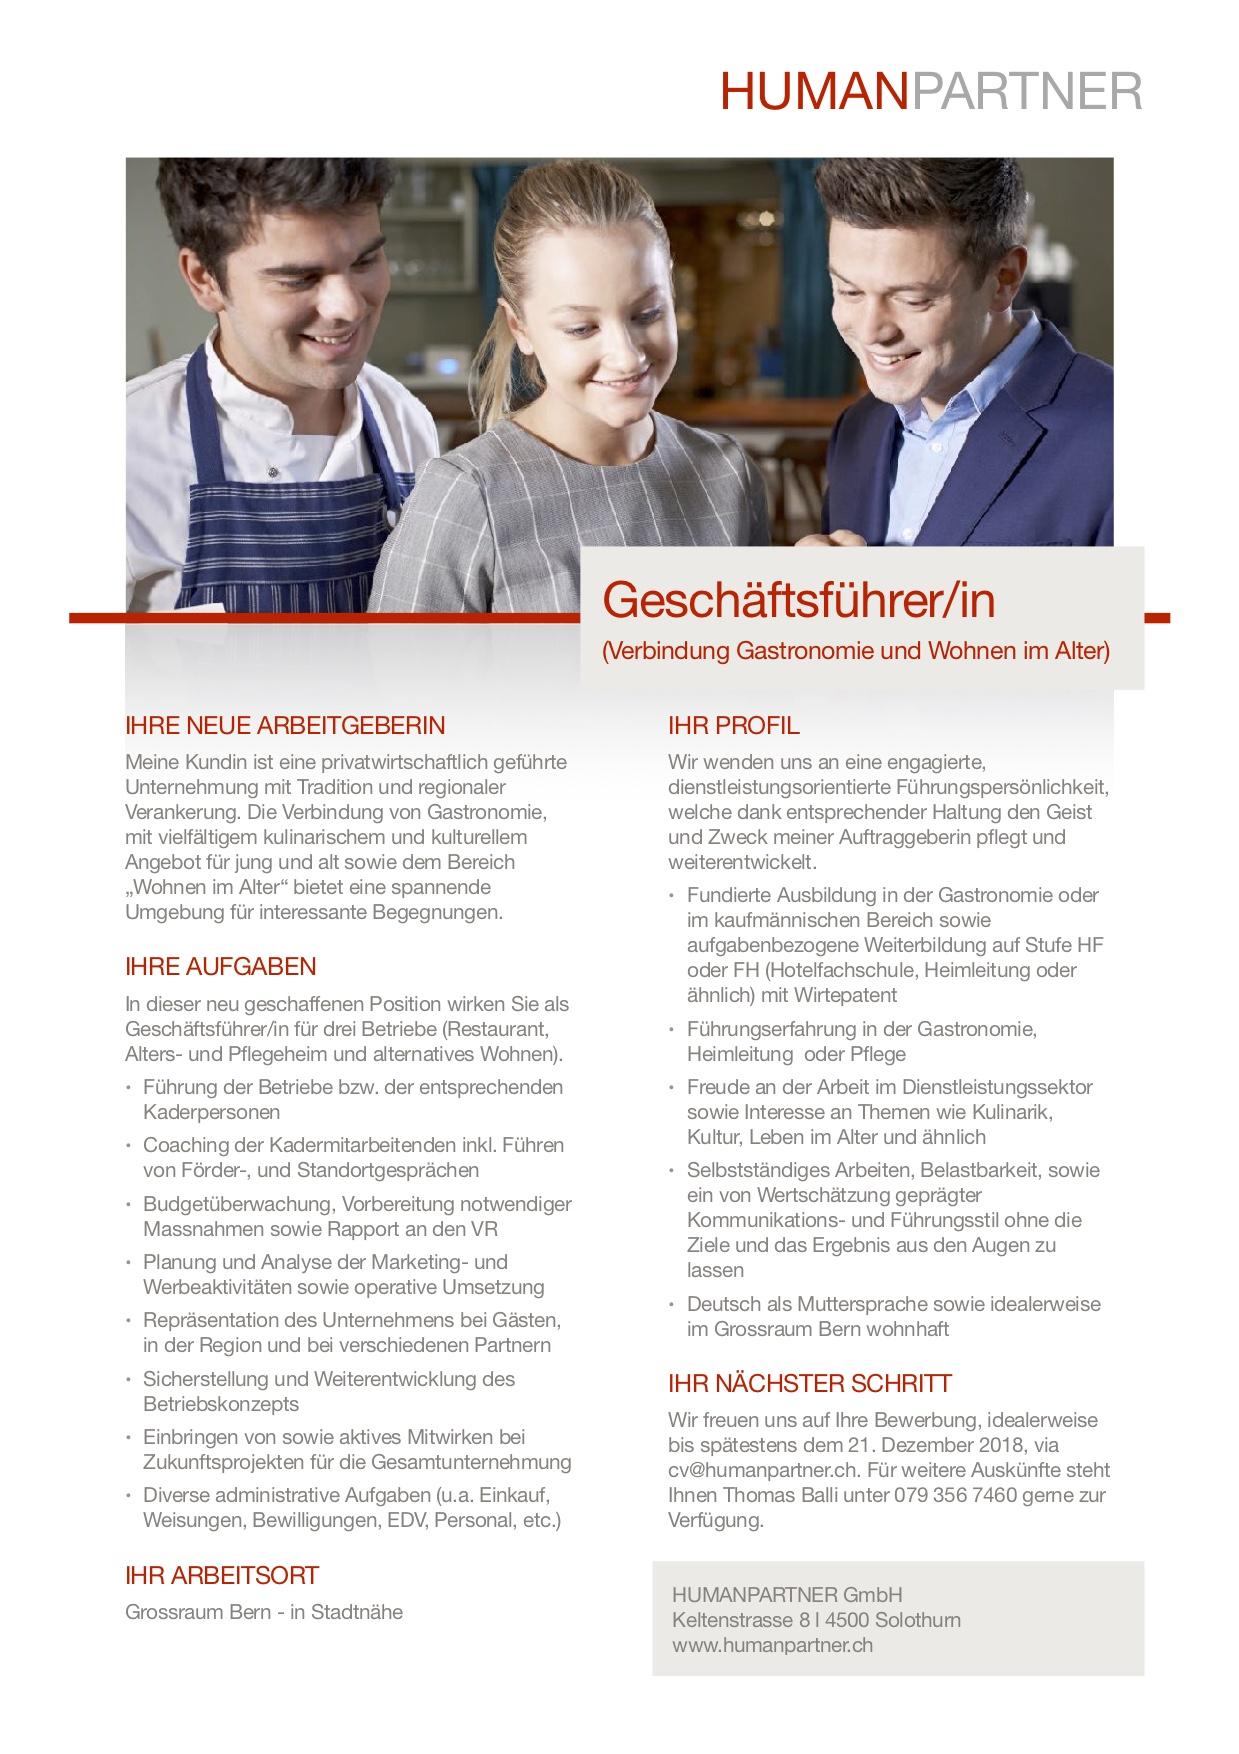 Geschäftsführung_Gastronomie_und_Wohnen_